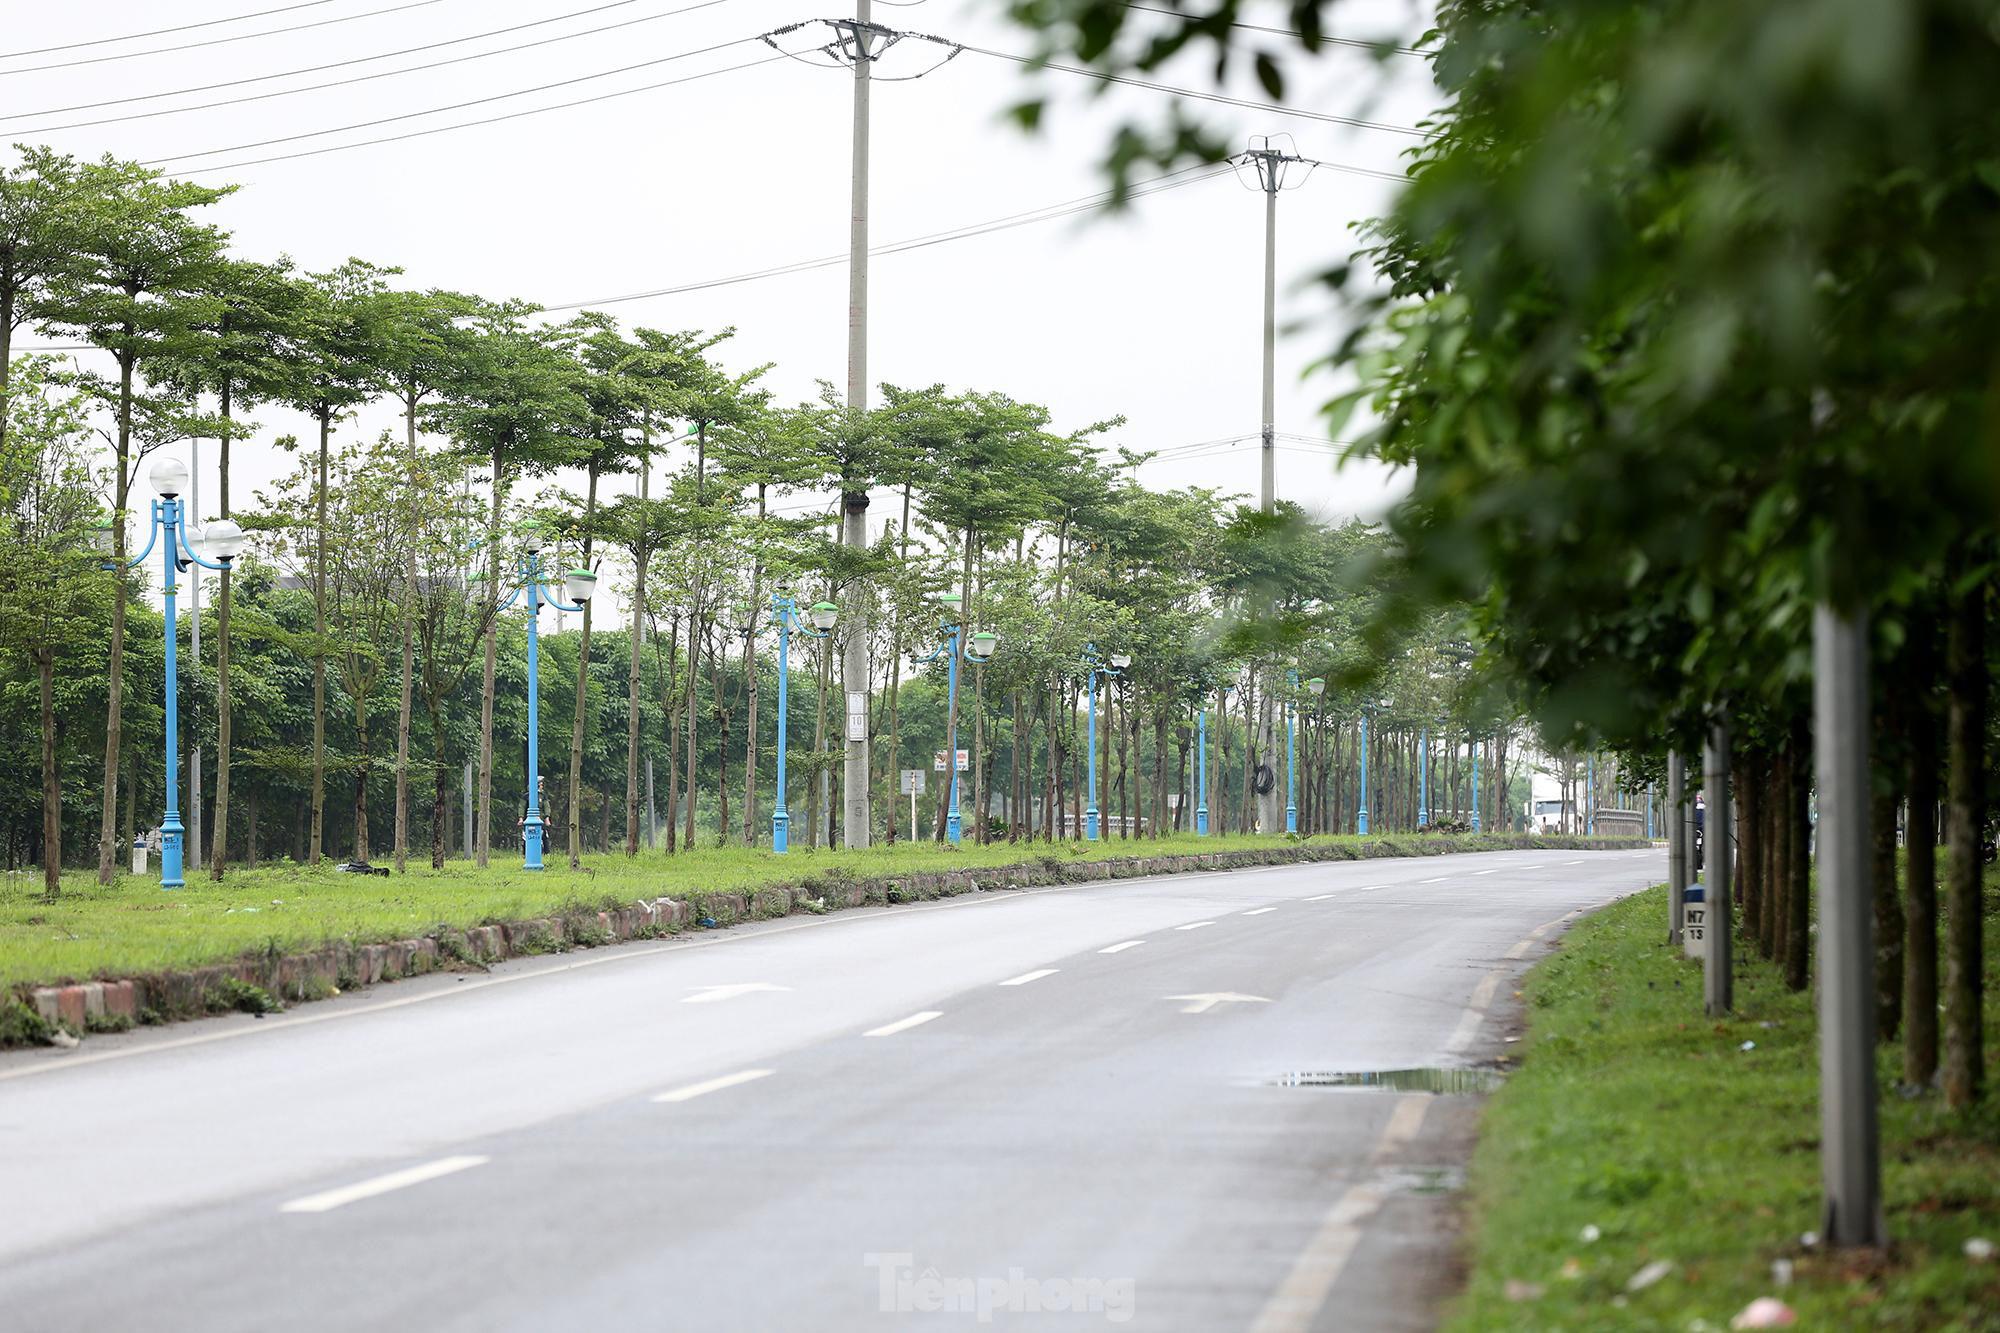 Tuyến đường 2.300 tỷ dài 15 km nối Hà Nội với Vĩnh Phúc hoạt động ra sao? - Ảnh 6.